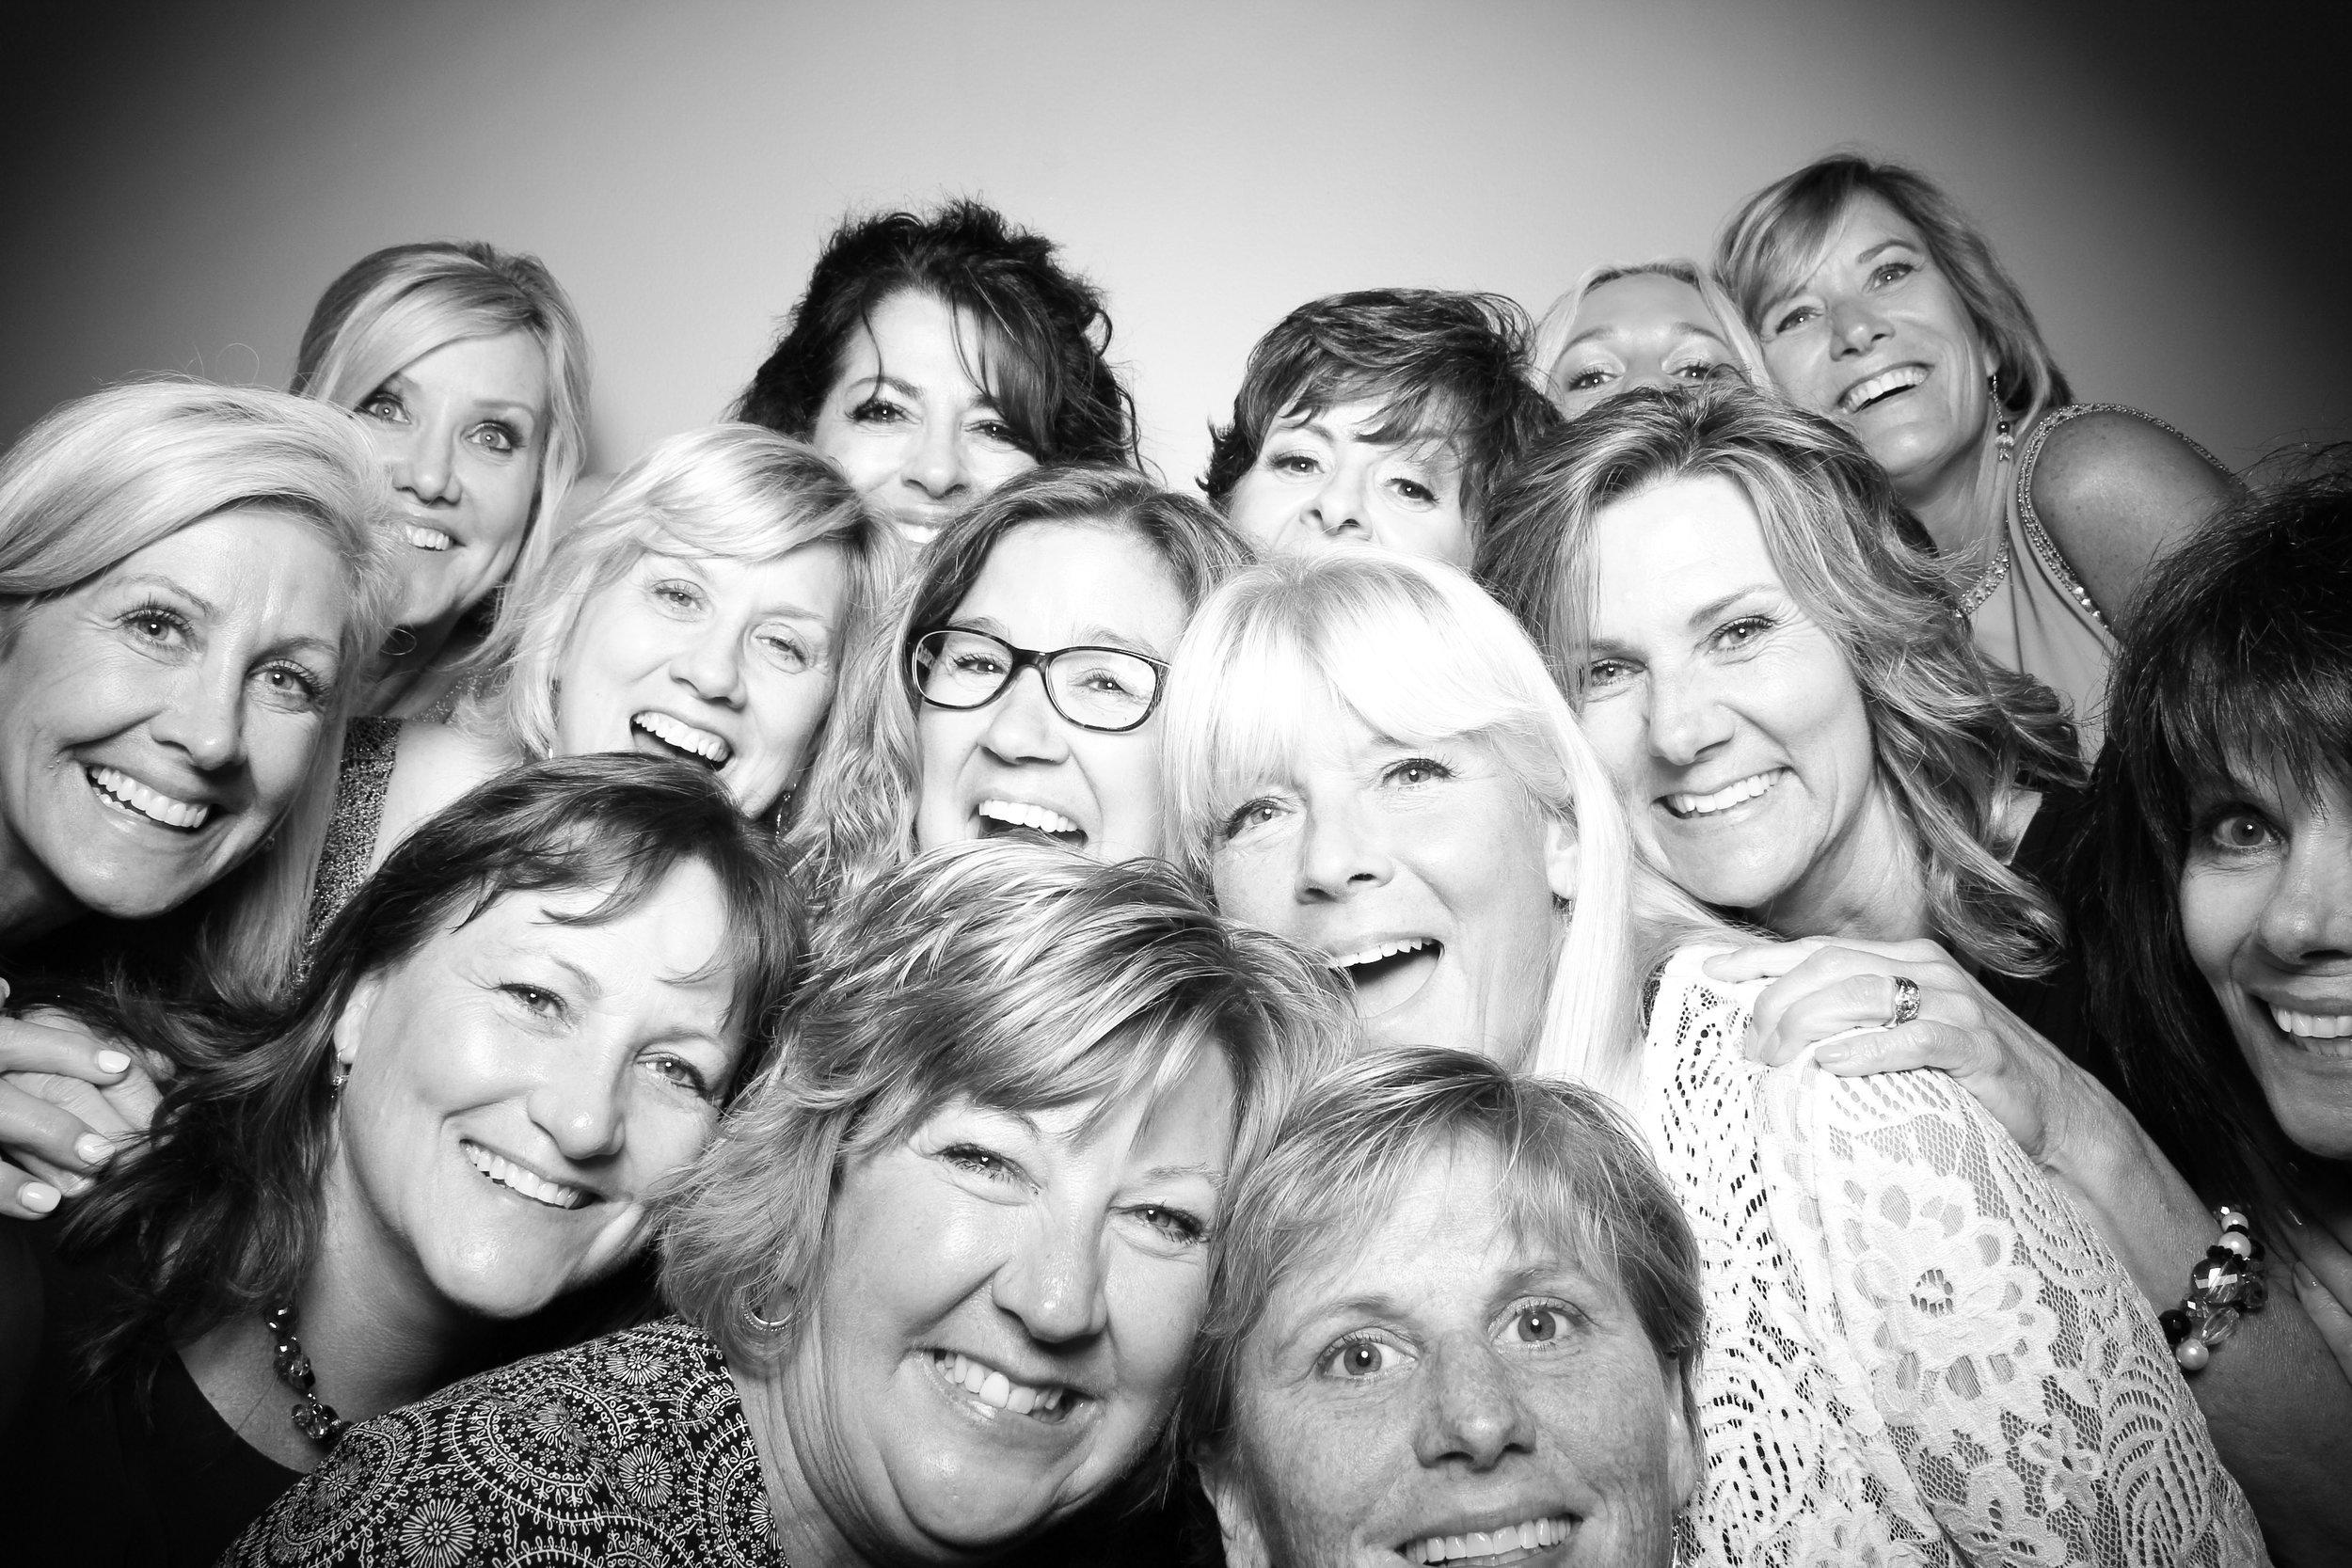 Bolingbrook_Golf_Club_Wedding_Photo_Booth_24.jpg